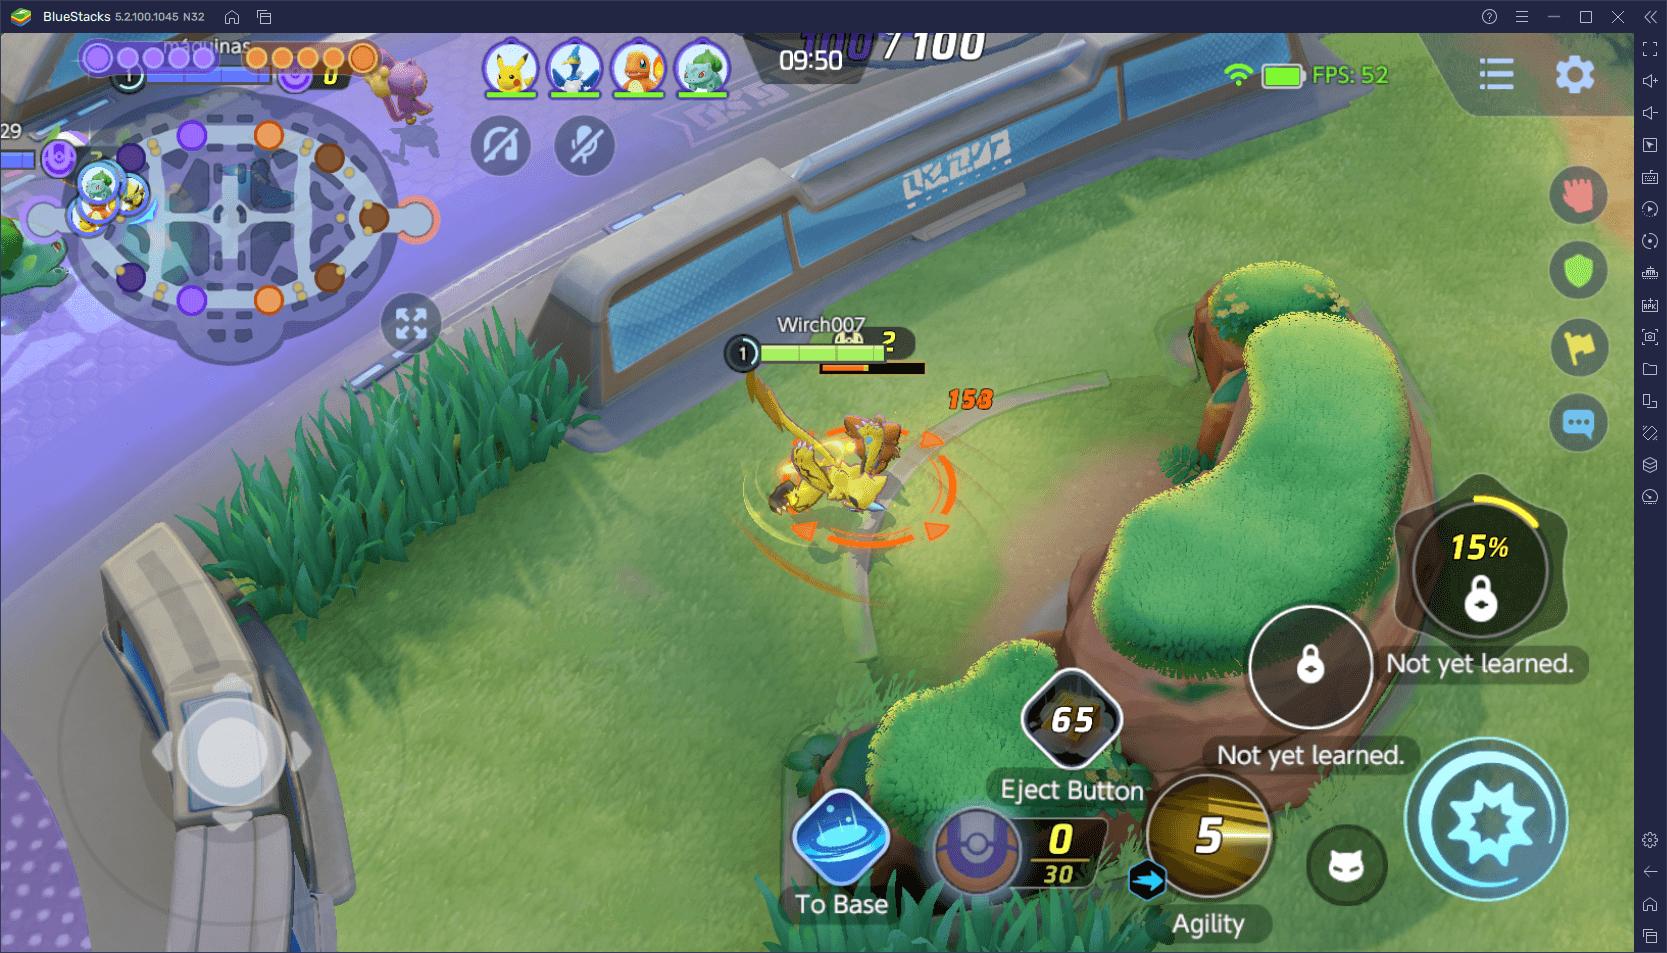 """دليل """"لاعب الغابات"""" في لعبة Pokemon Unite  – كيفية اللعب والفوز في Center Lane"""